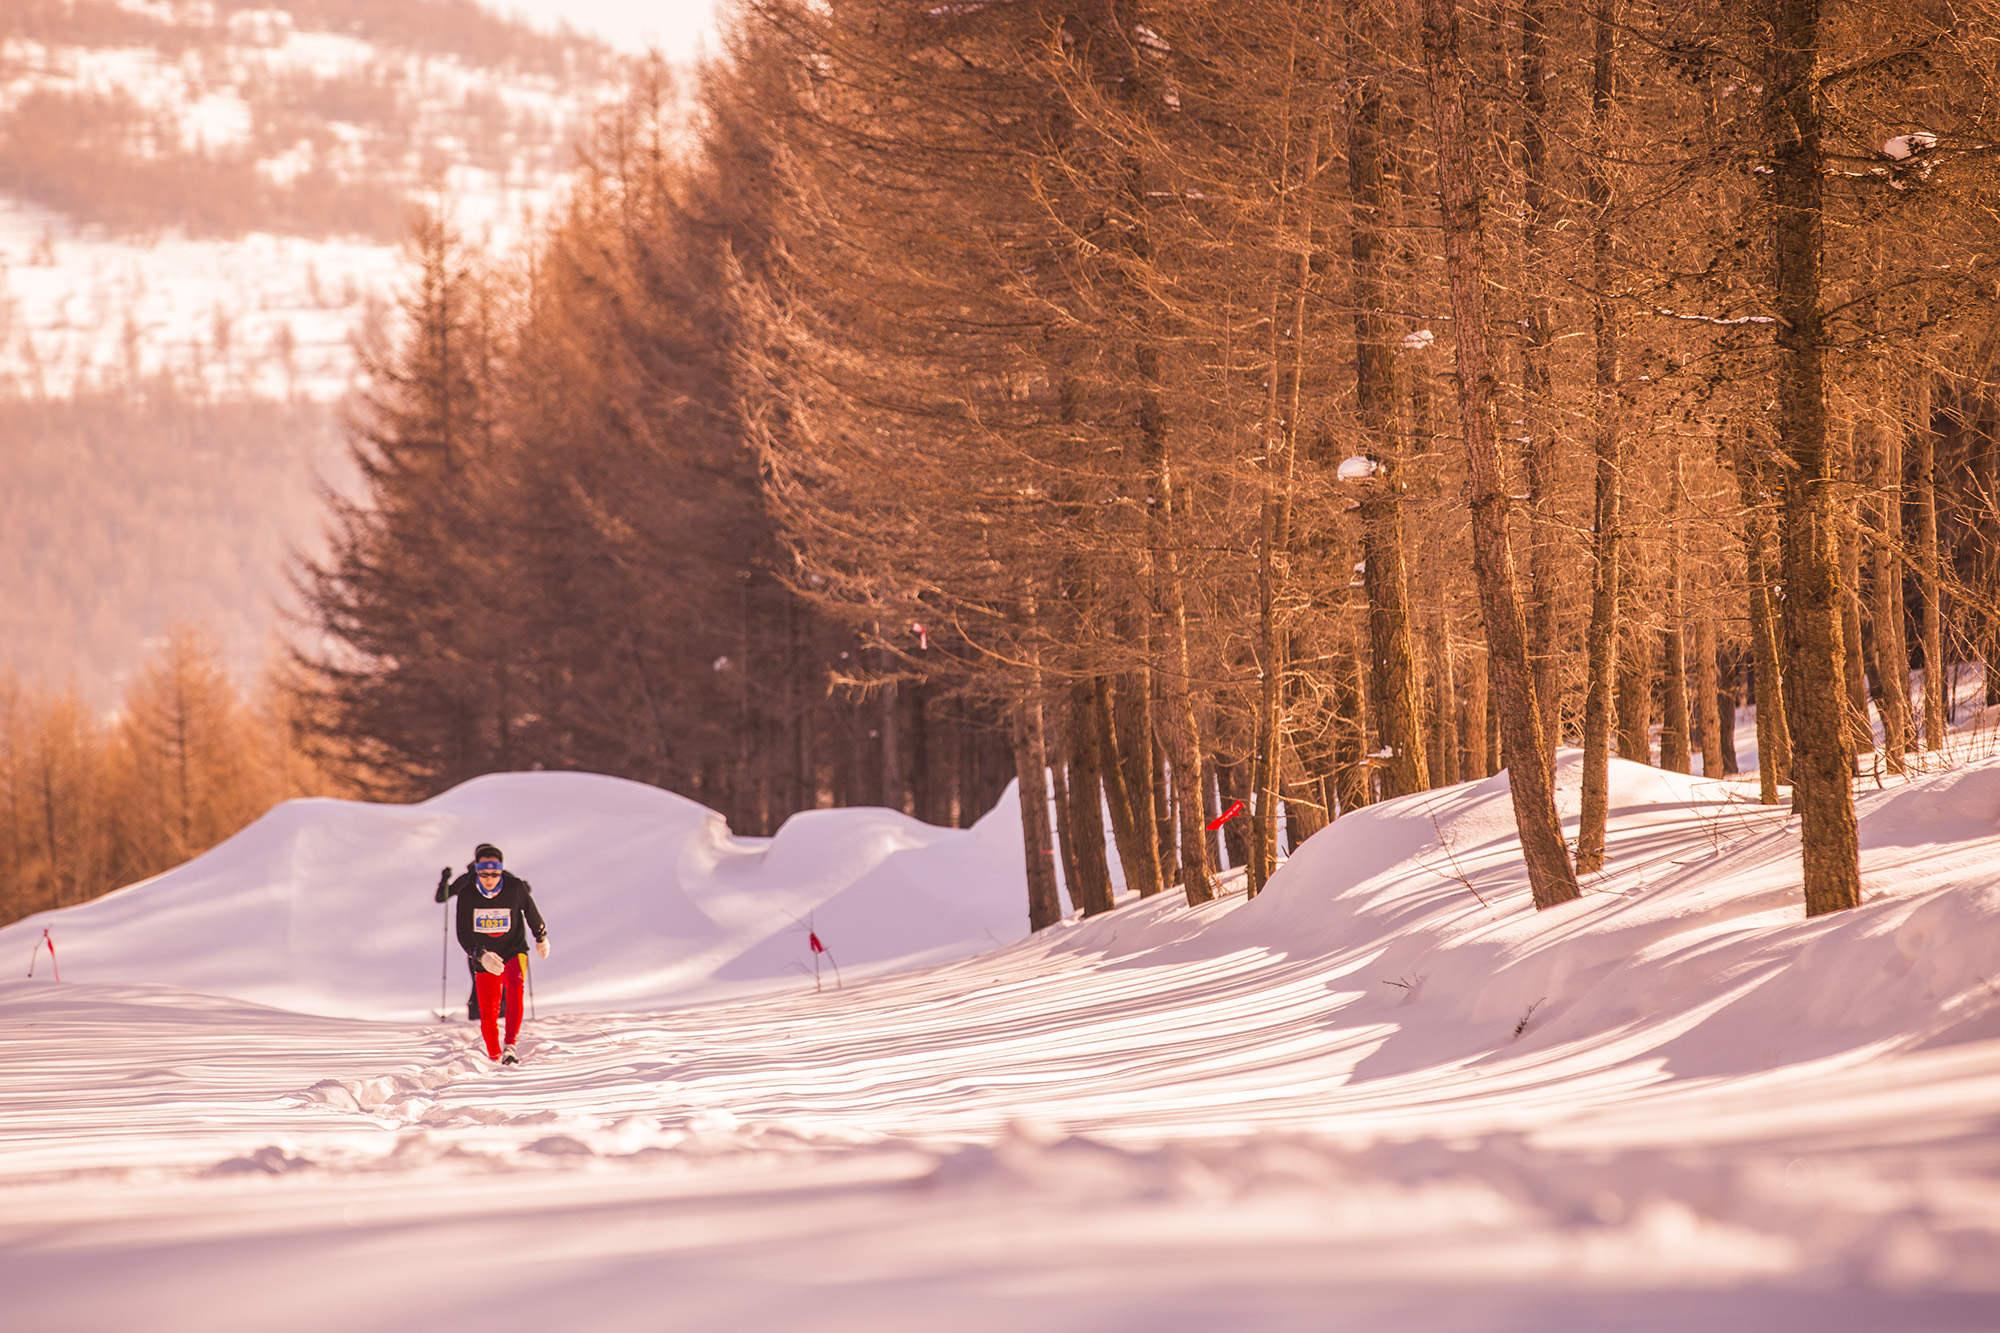 崇礼新年冰雪跑落幕 壮美雪景赛道惹人艳羡